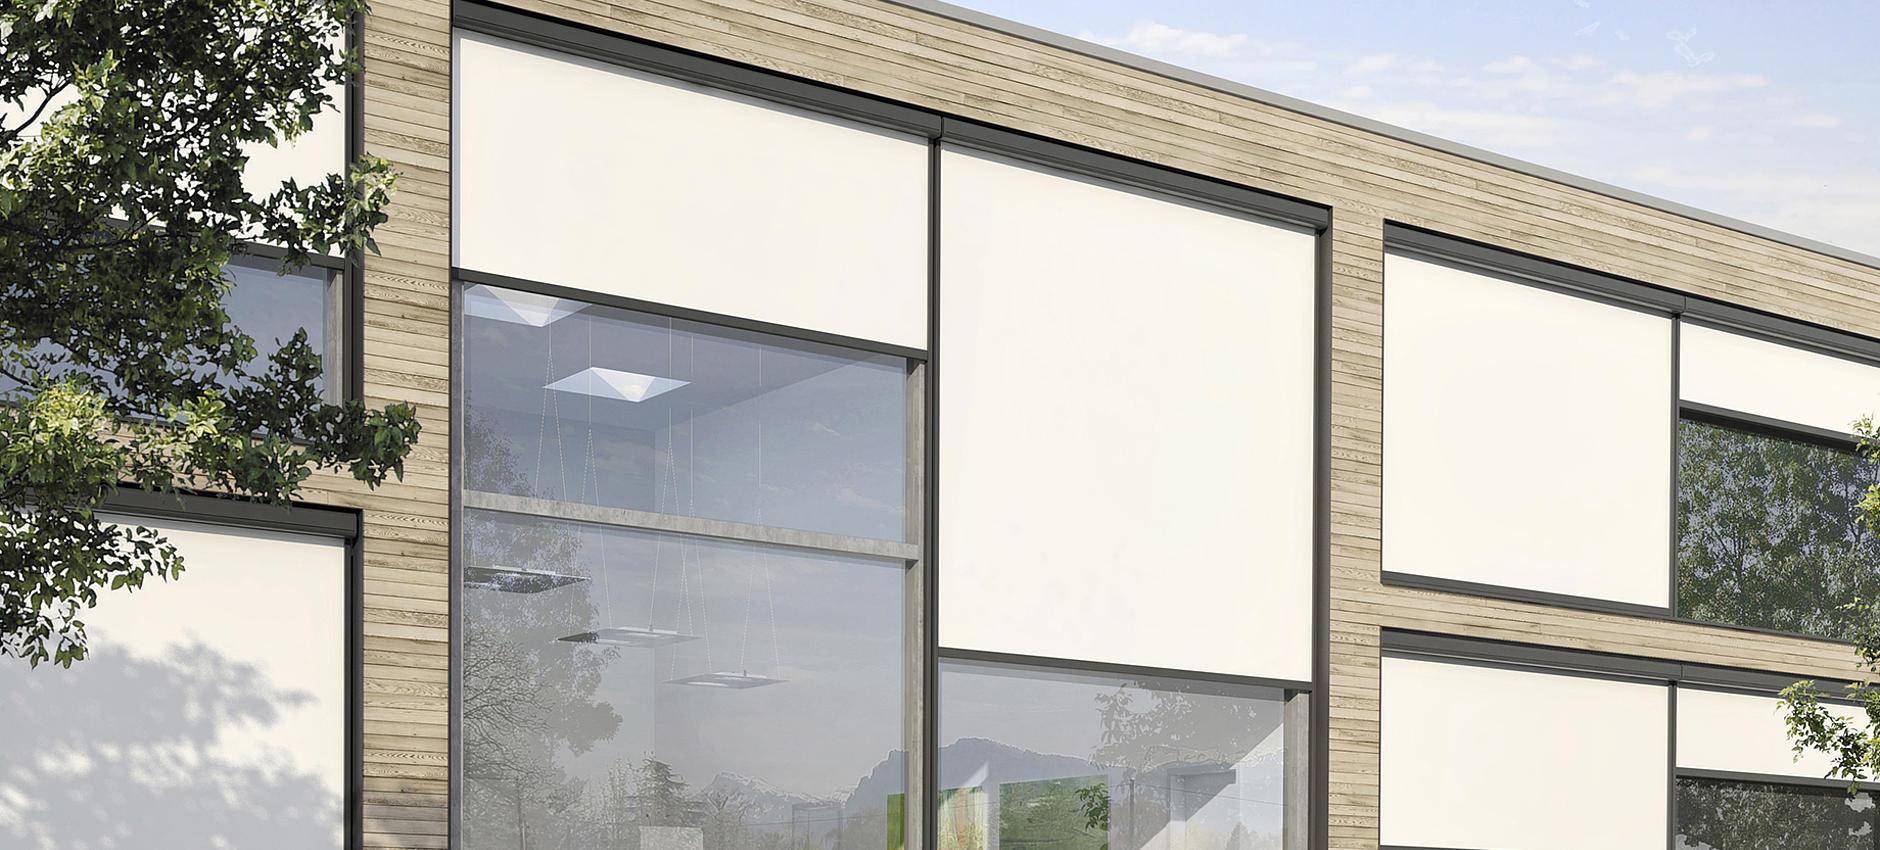 VENTOSOL VS5100 / VS5200 / VS5400 / VS5600 / VS6100 / VS6200 robuste Senkrechtmarkisen mit Reißverschlusstechnik für innen und außen